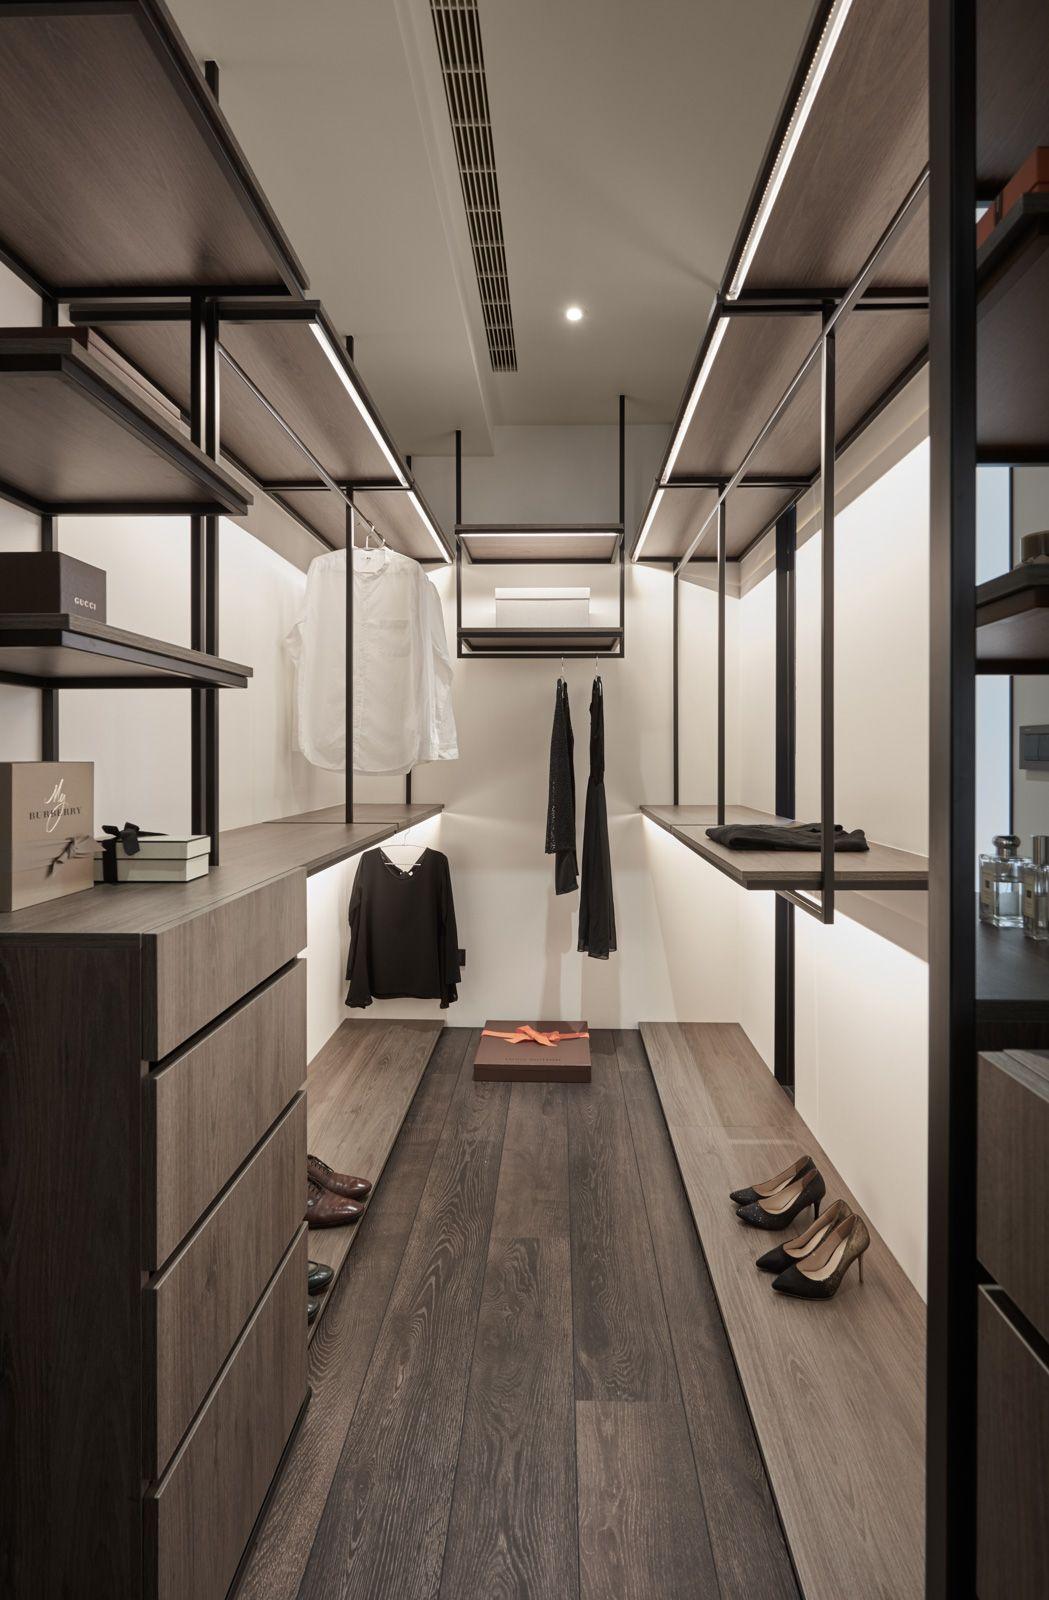 展翼翱翔 剛中帶柔的單身型男部屋 Interior Desig Home Dream House